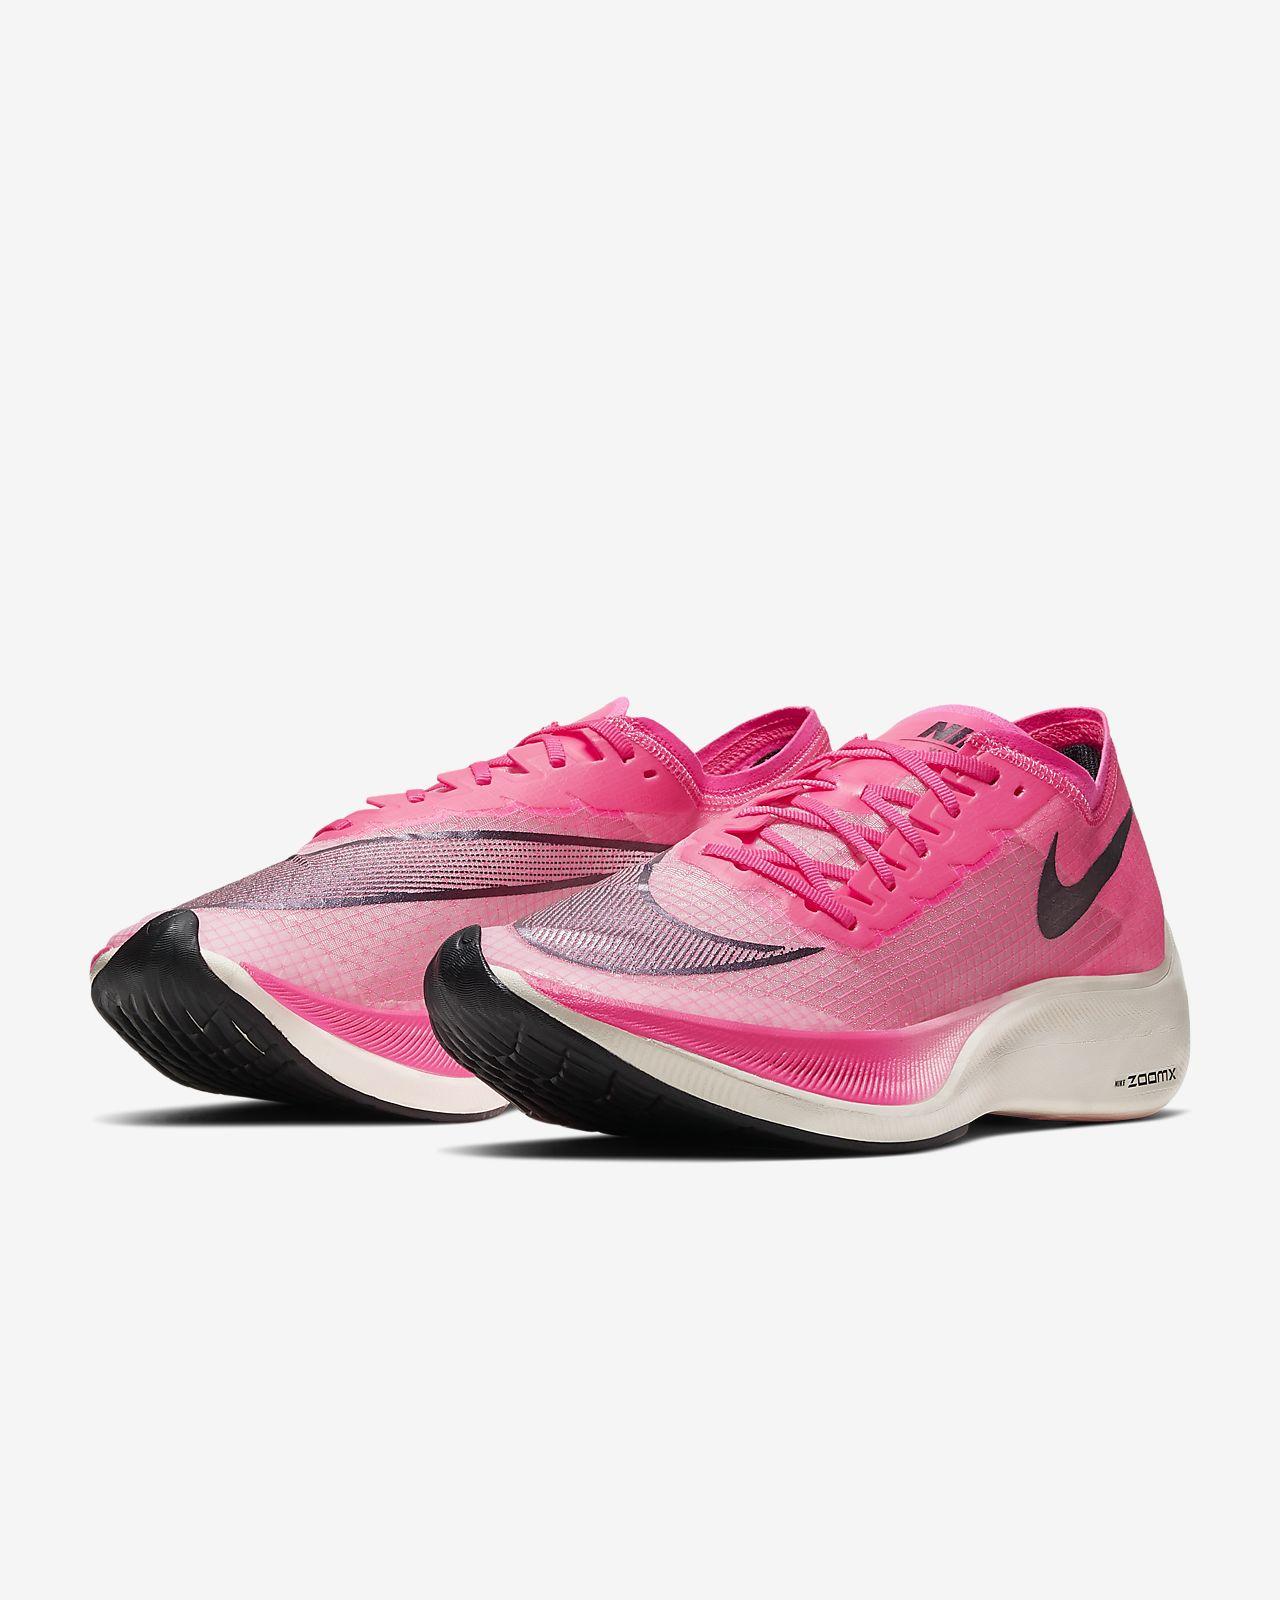 Fabrik Das Beste Von Allem Preise Nike Air Max 90 Damen